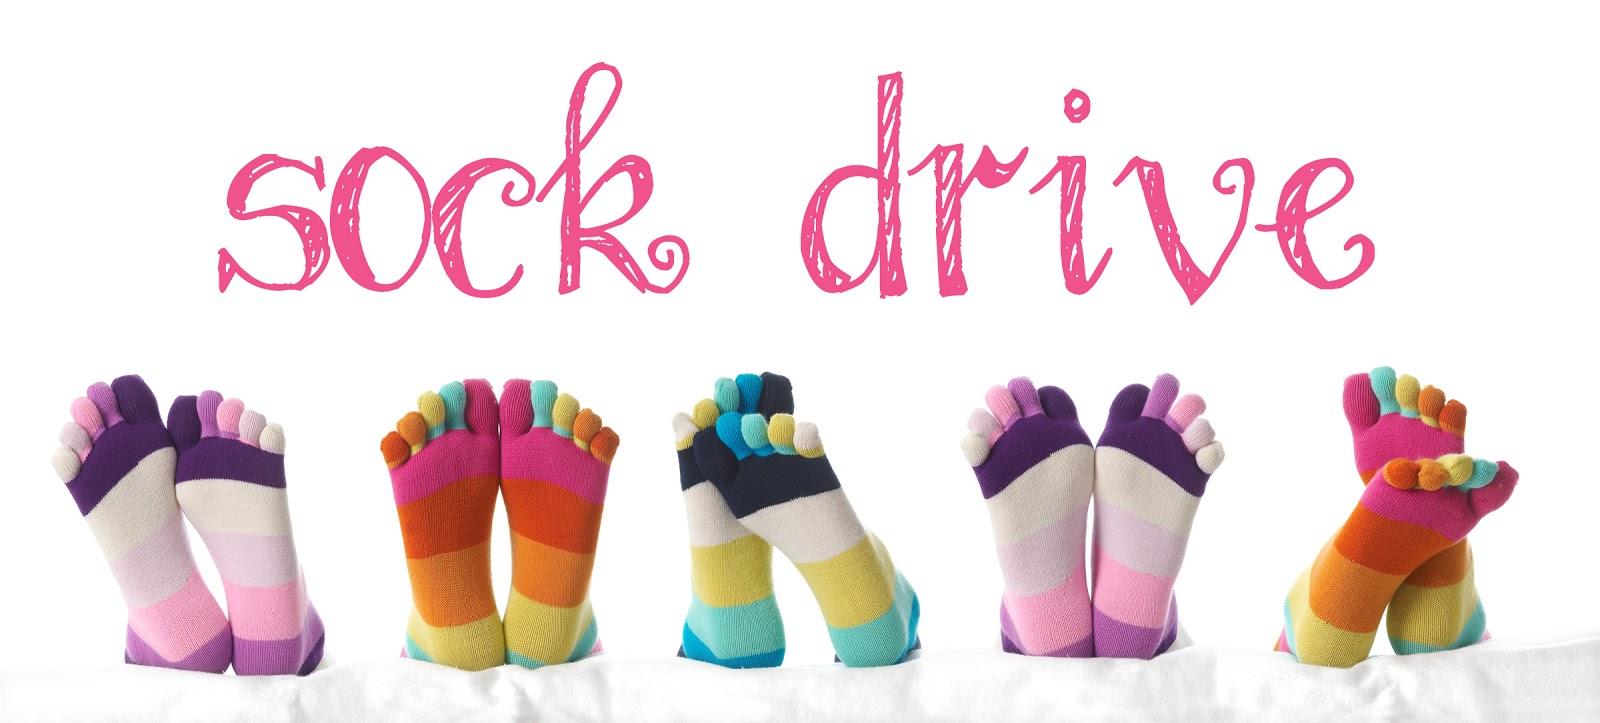 sock drive socks for the homeless